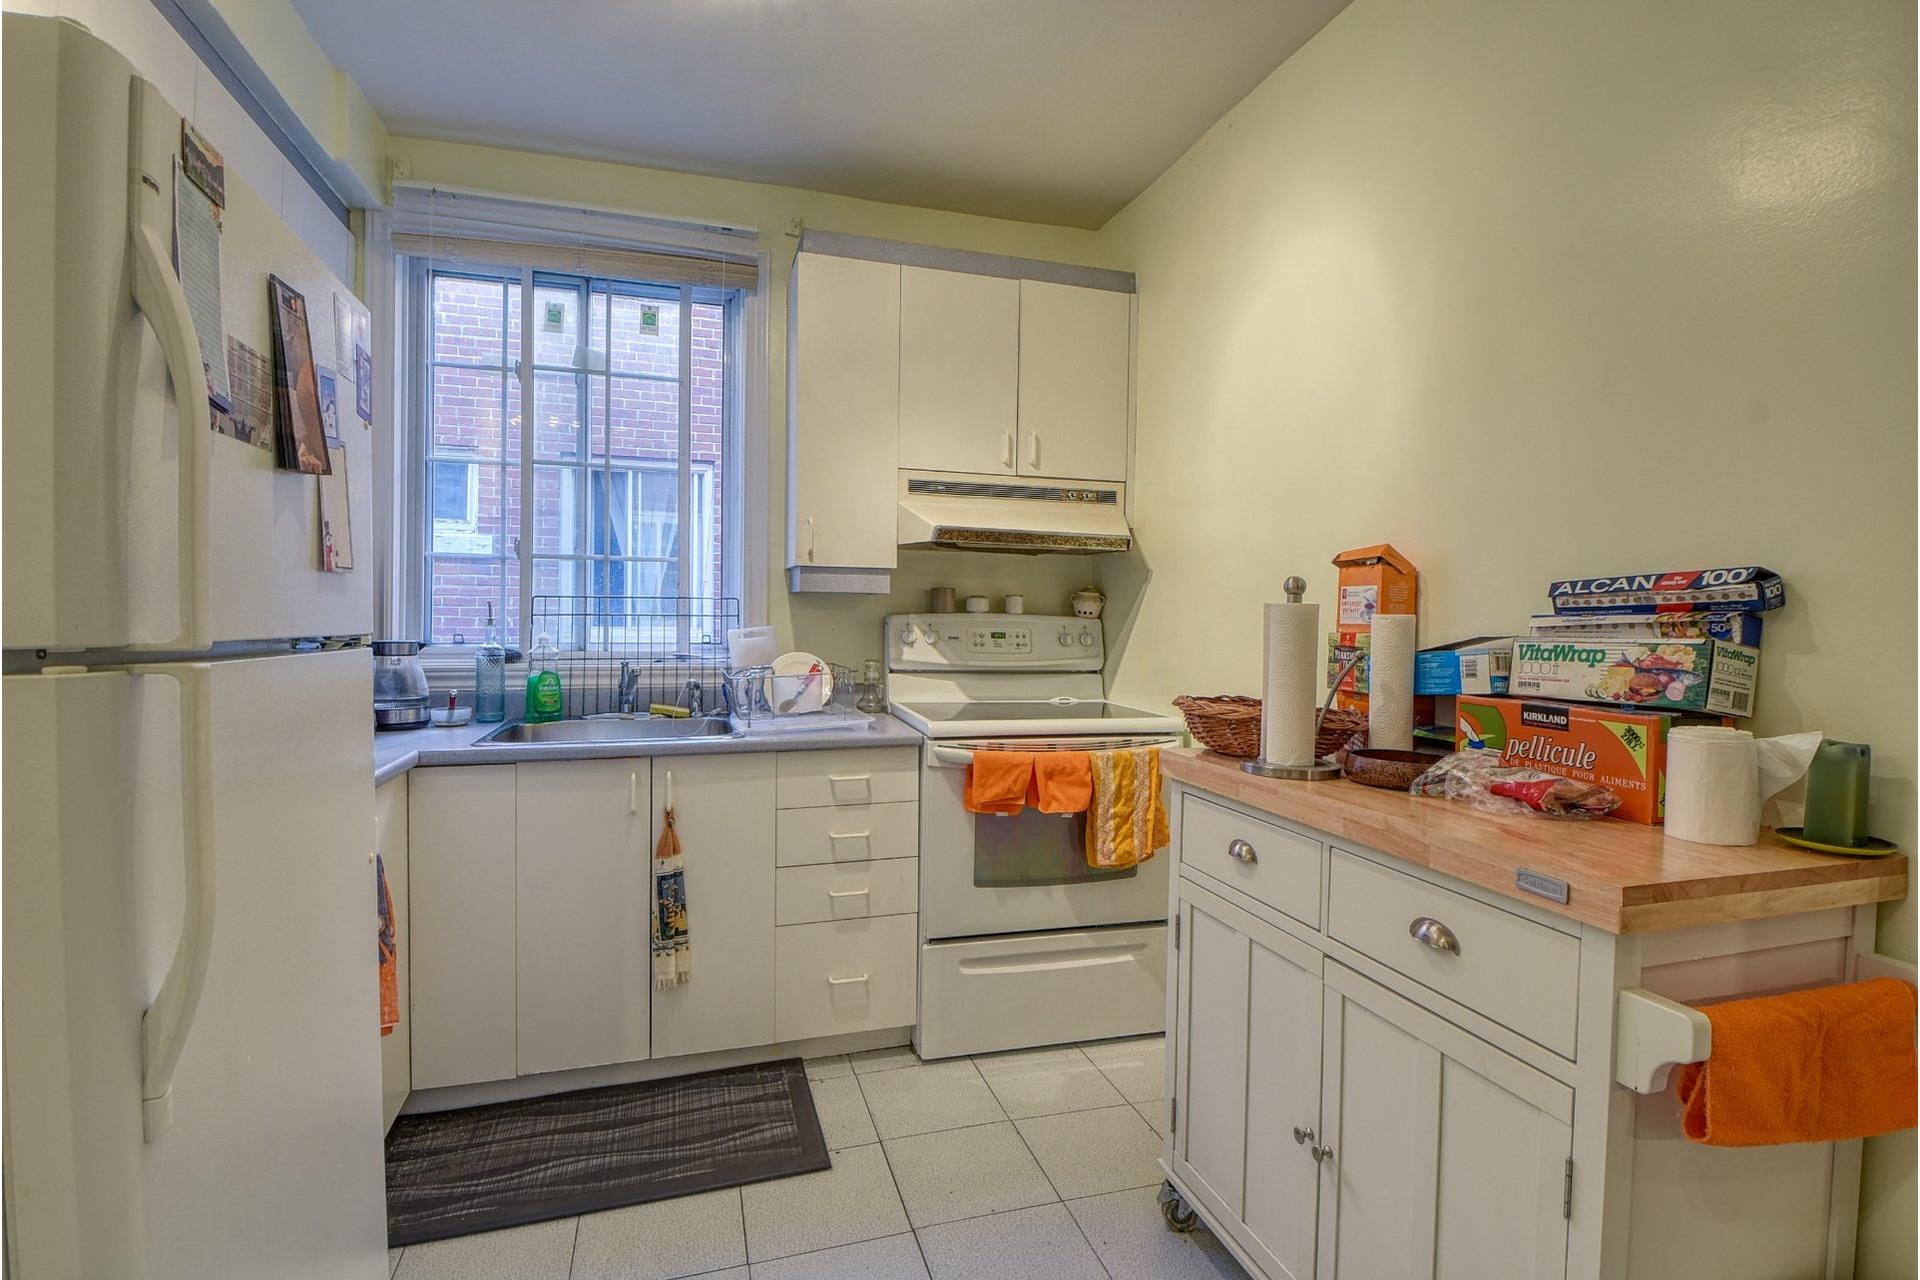 image 7 - Appartement À louer Côte-des-Neiges/Notre-Dame-de-Grâce Montréal  - 6 pièces